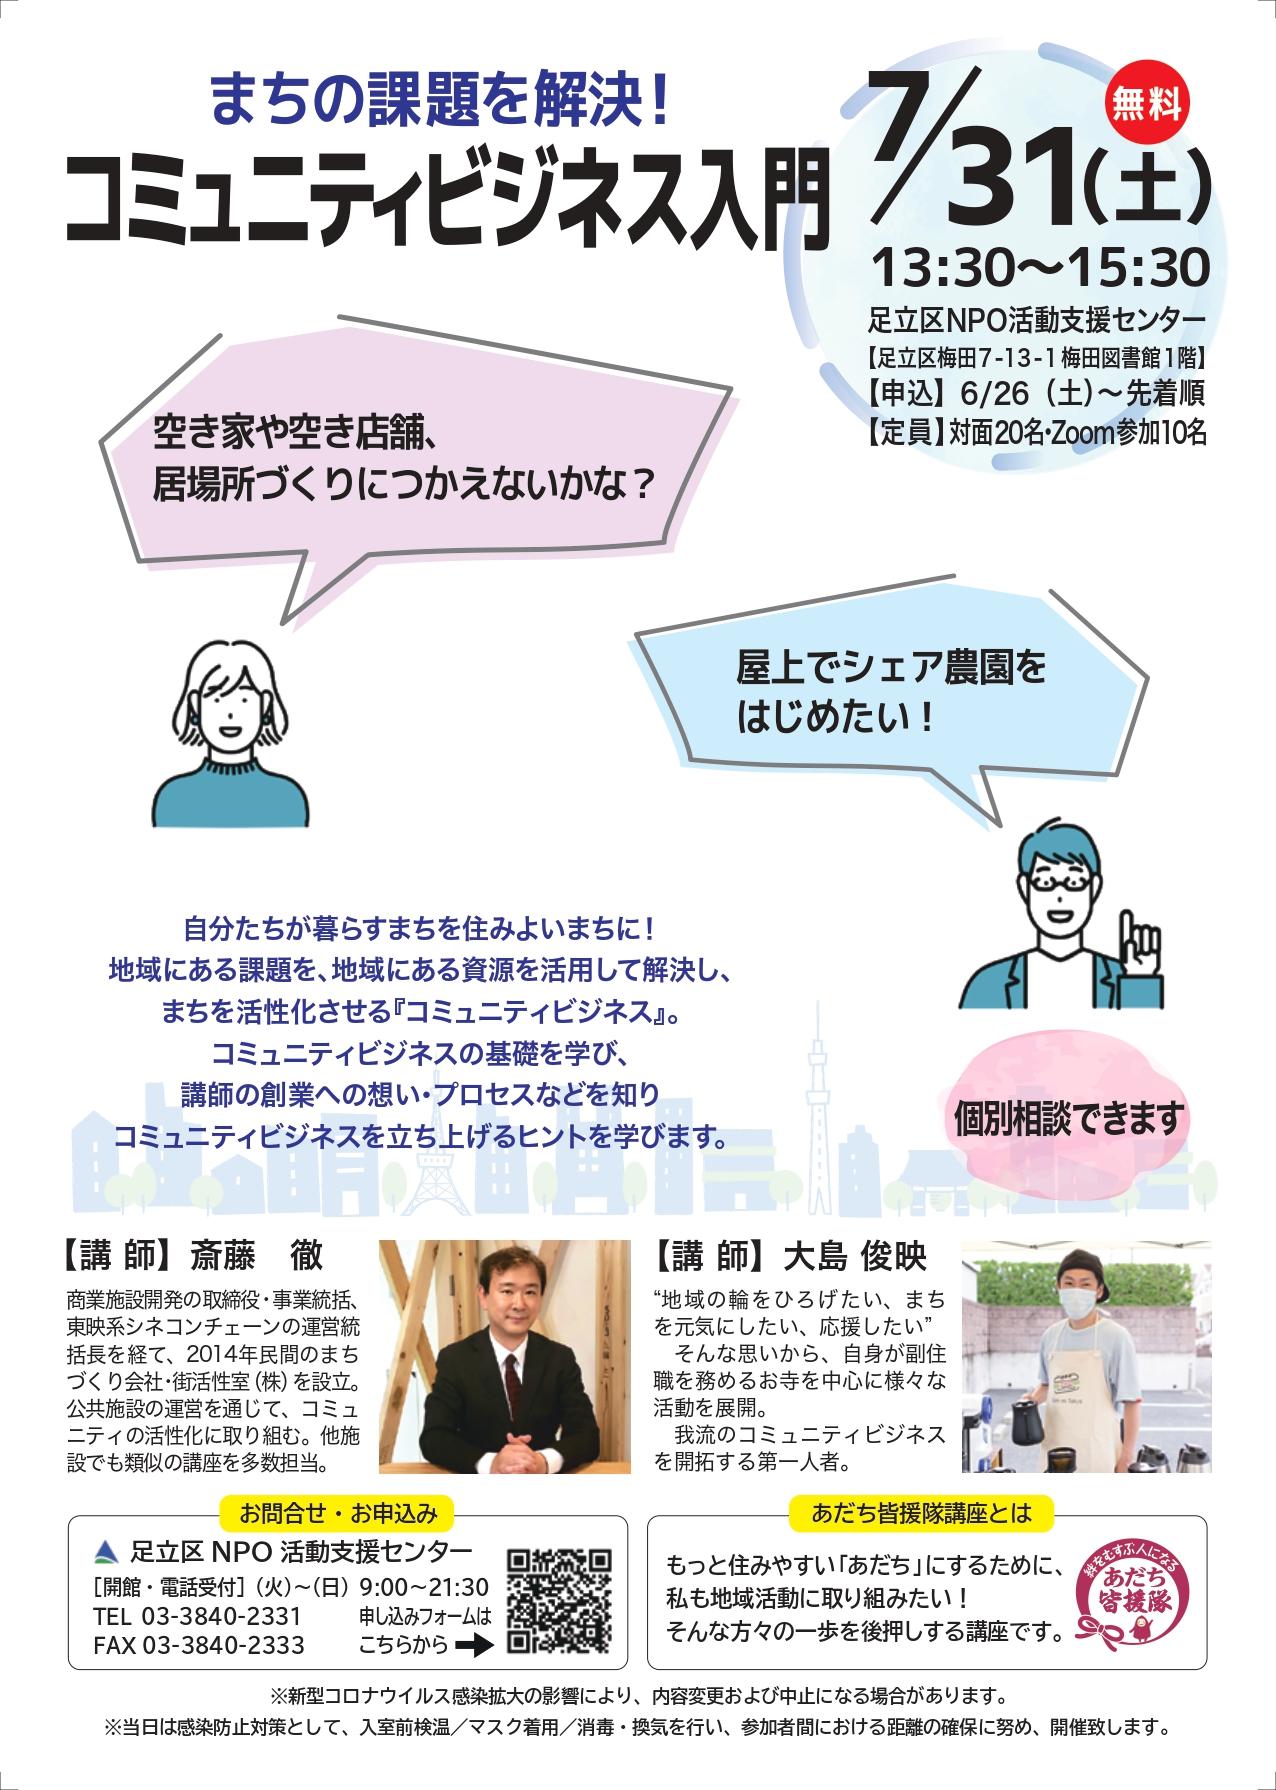 皆援隊講座 コミュニティビジネス入門.jpg